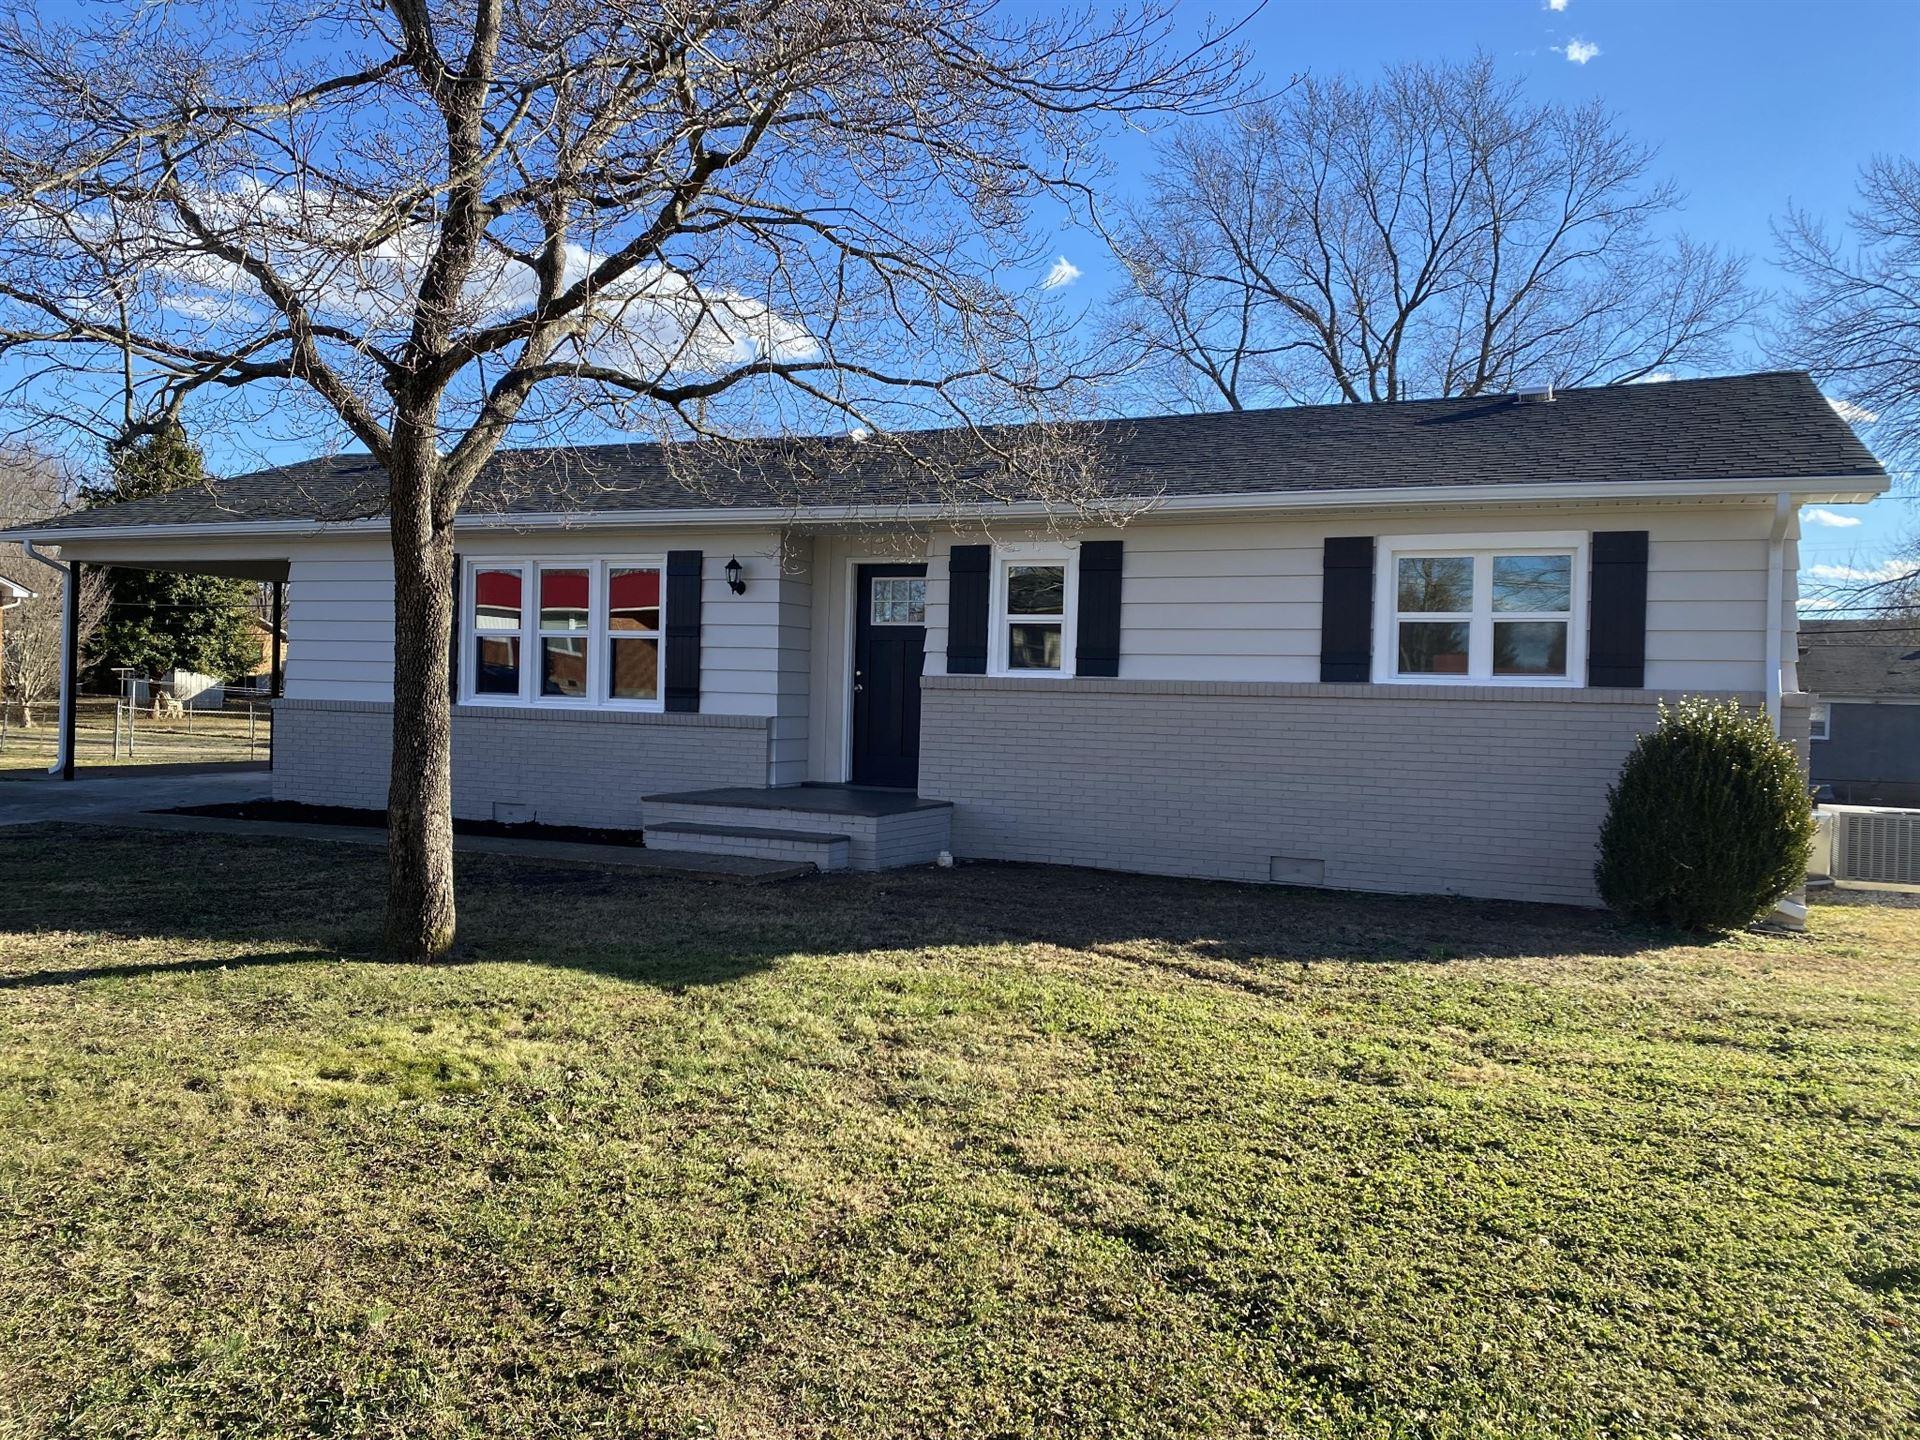 213 Clayton St, Lawrenceburg, TN 38464 - MLS#: 2221267